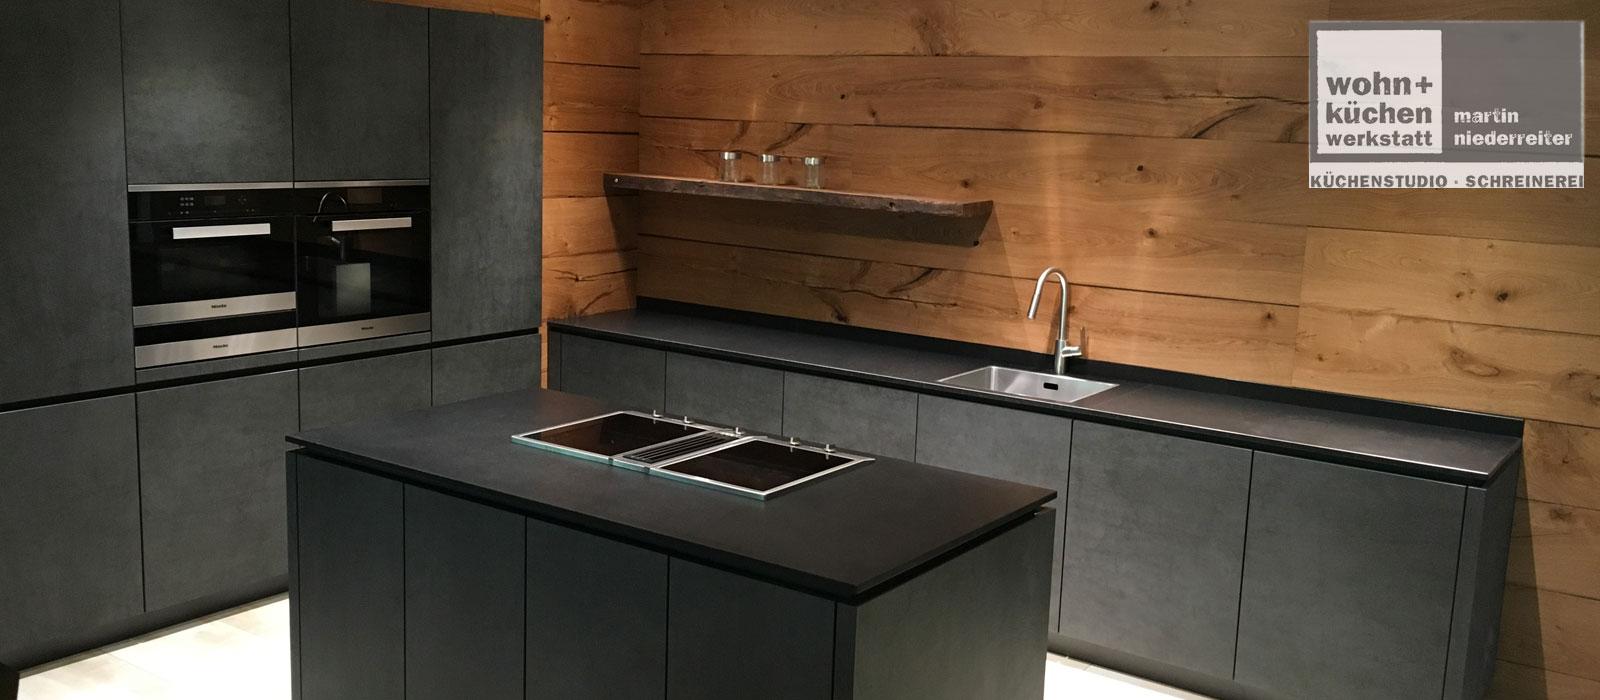 Wohn + Küchenwerkstatt Niederreiter Mainburg